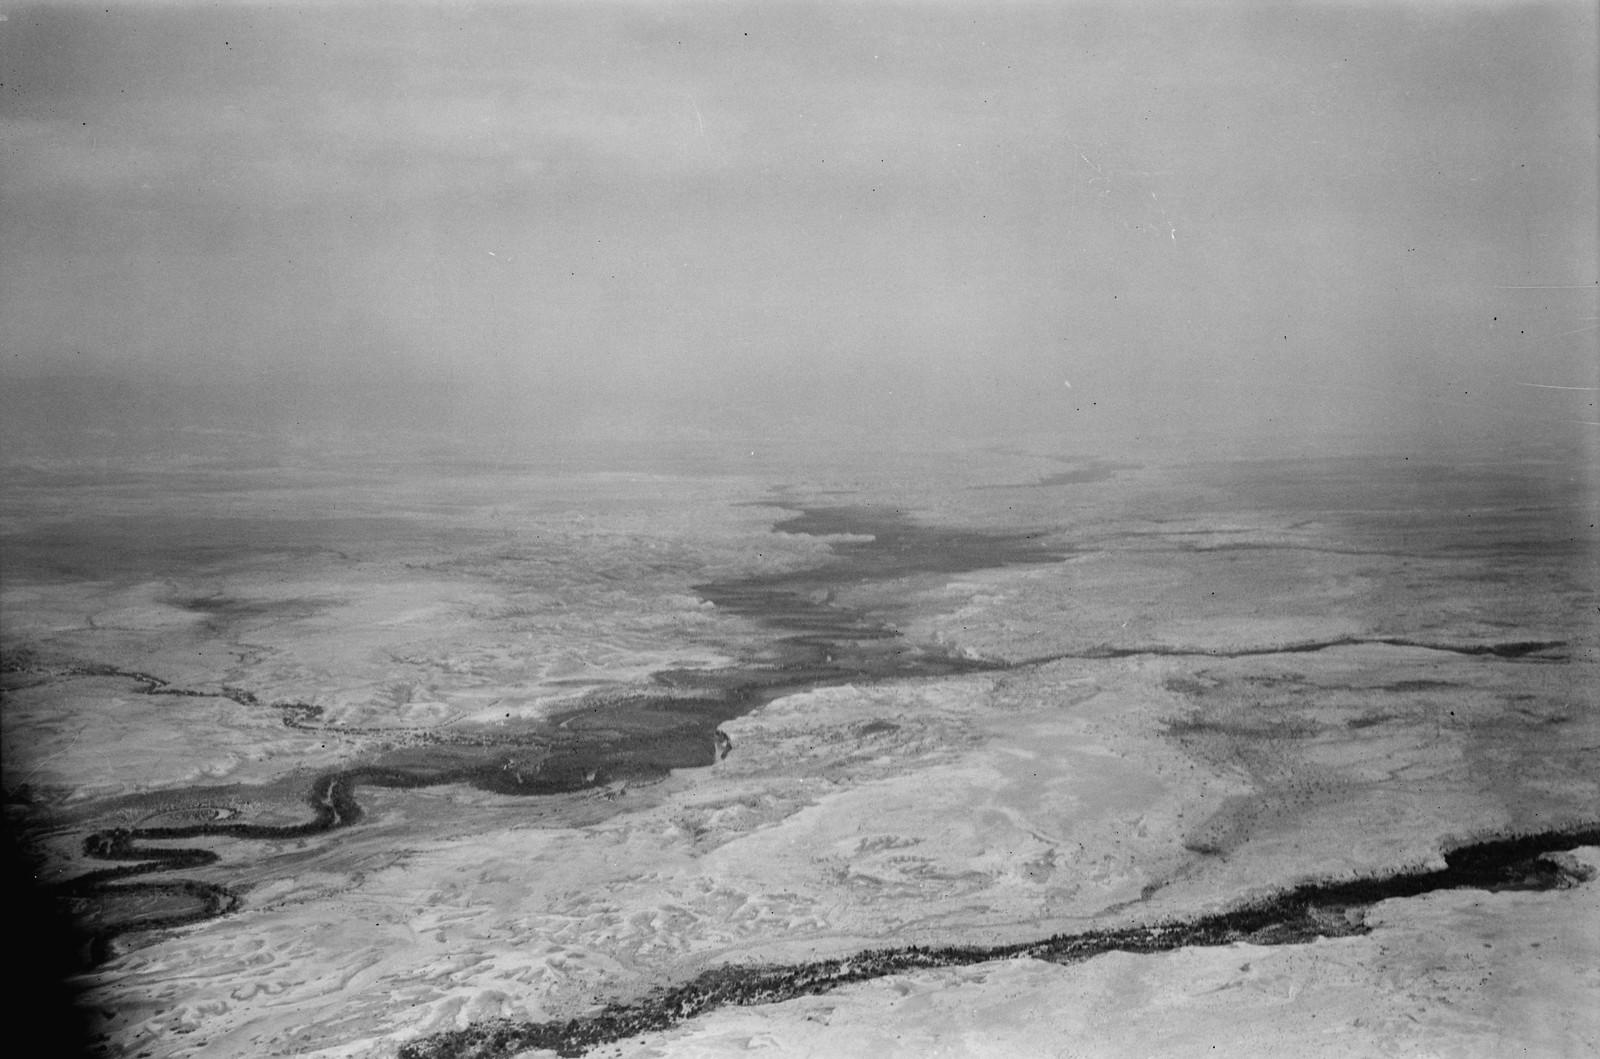 Полет на юг через Иорданский Разлом. Иордан с притоками Джаббок и Вади Фараа. Смотреть вверх по течению